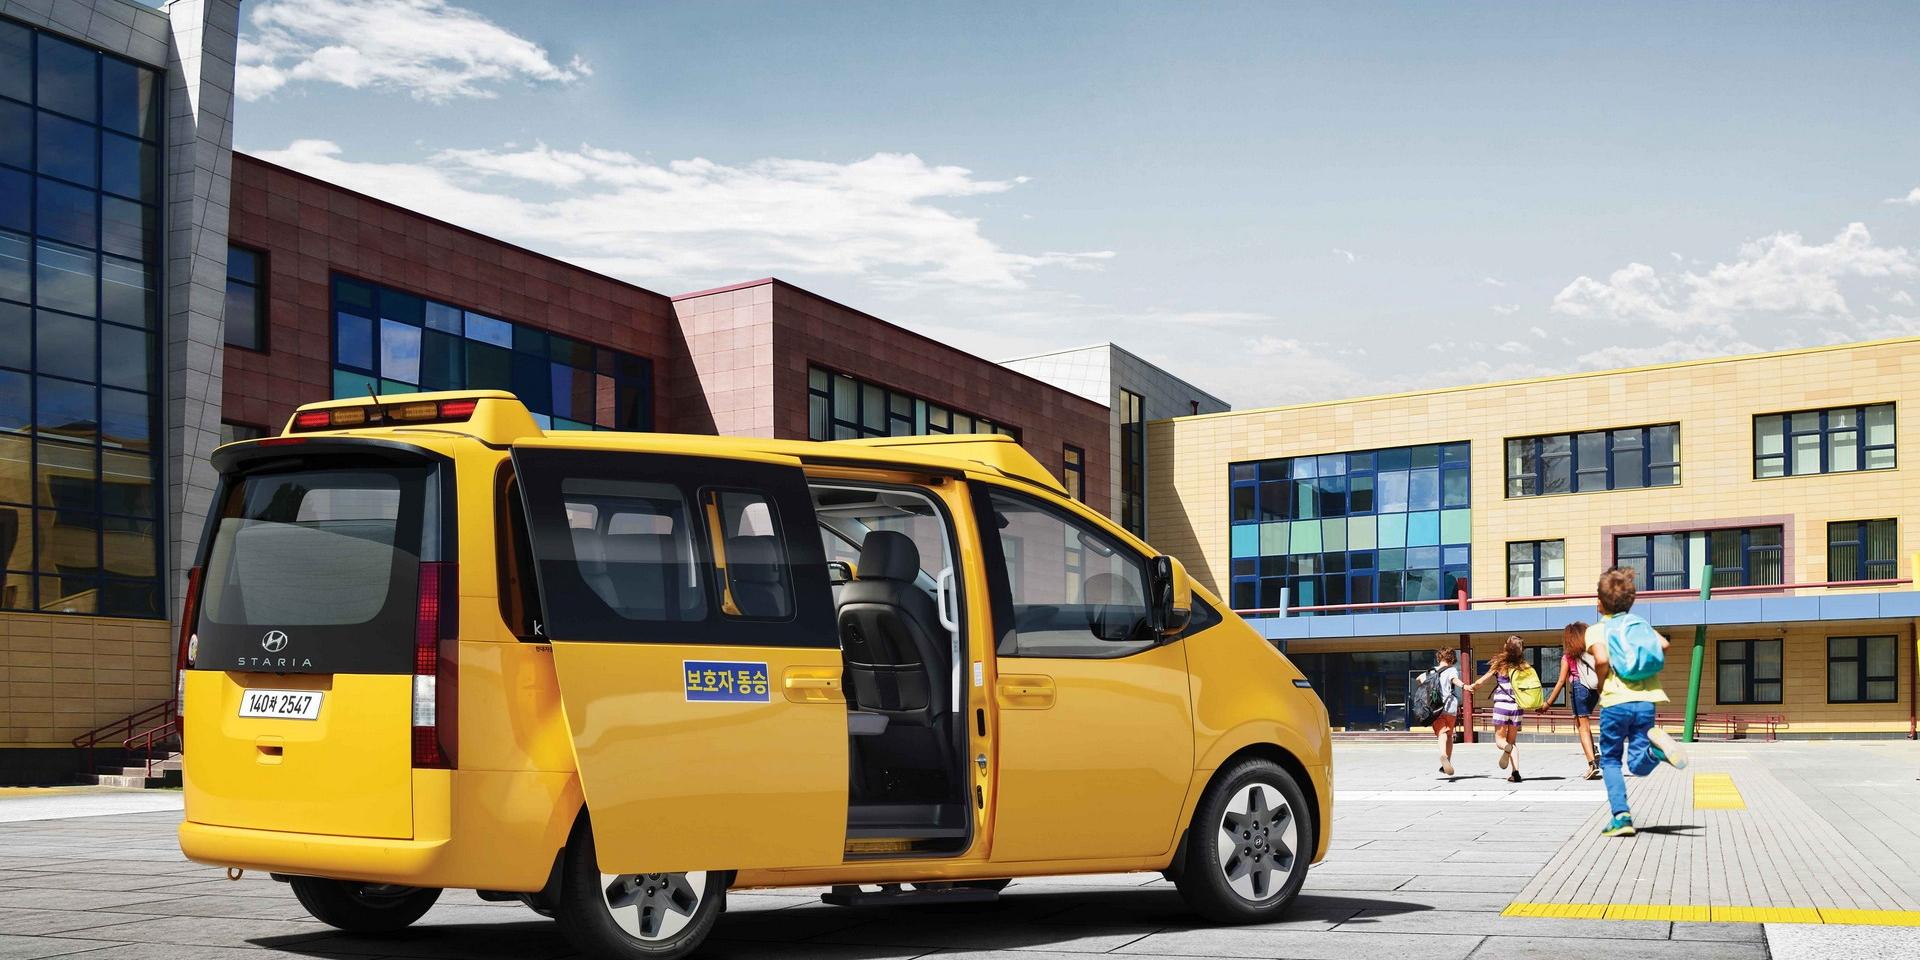 這台MPV居然可以坐15人!Hyundai打造未來感濃厚的校車Staria Kinder